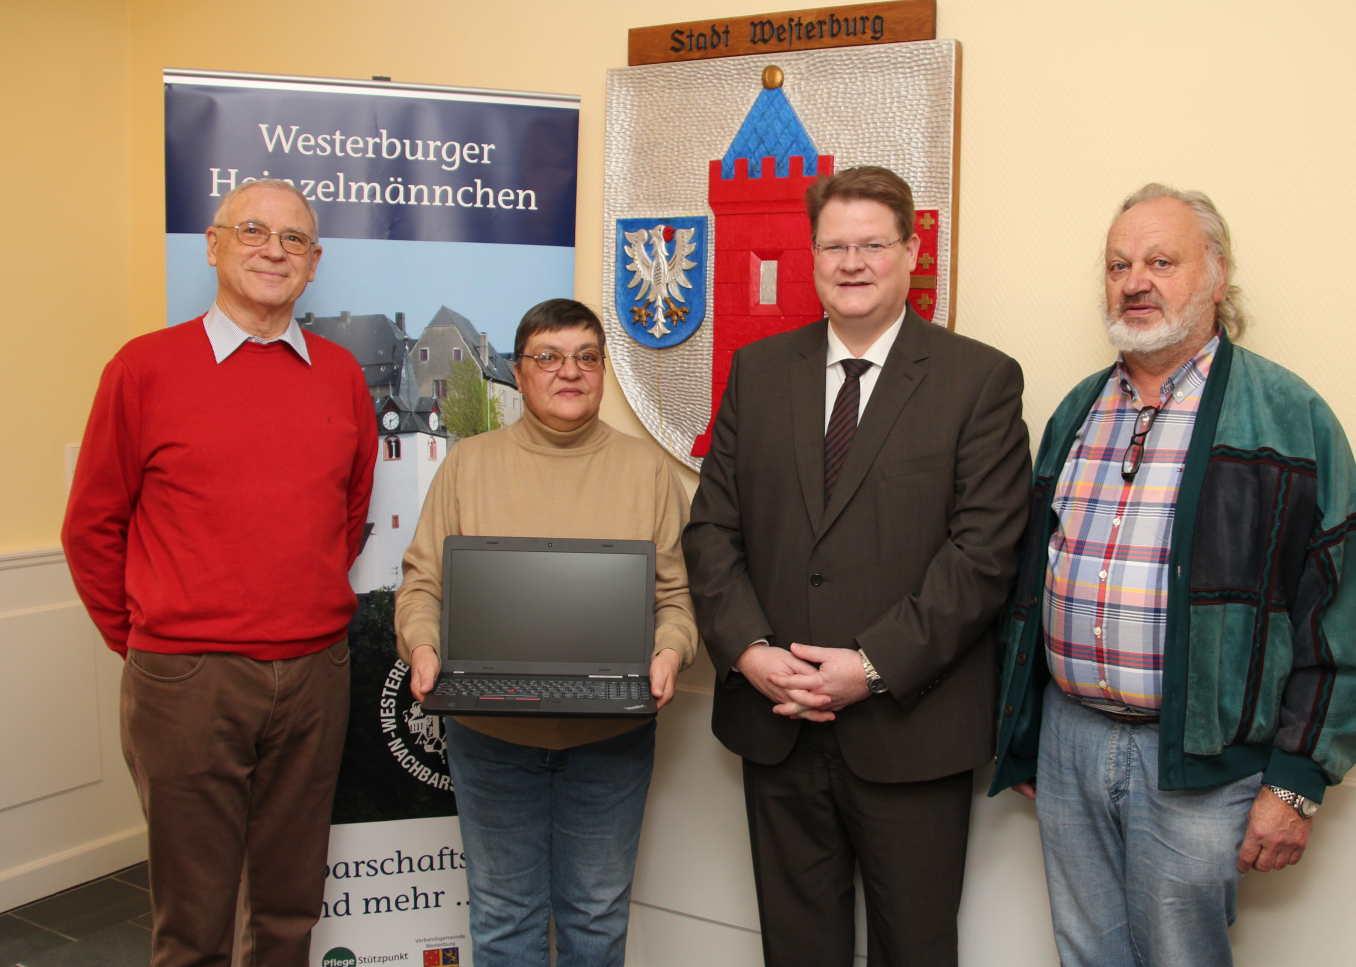 Nachbarschaftshilfe westerburg ist vielseitig aktiv for Westerburg kuchen